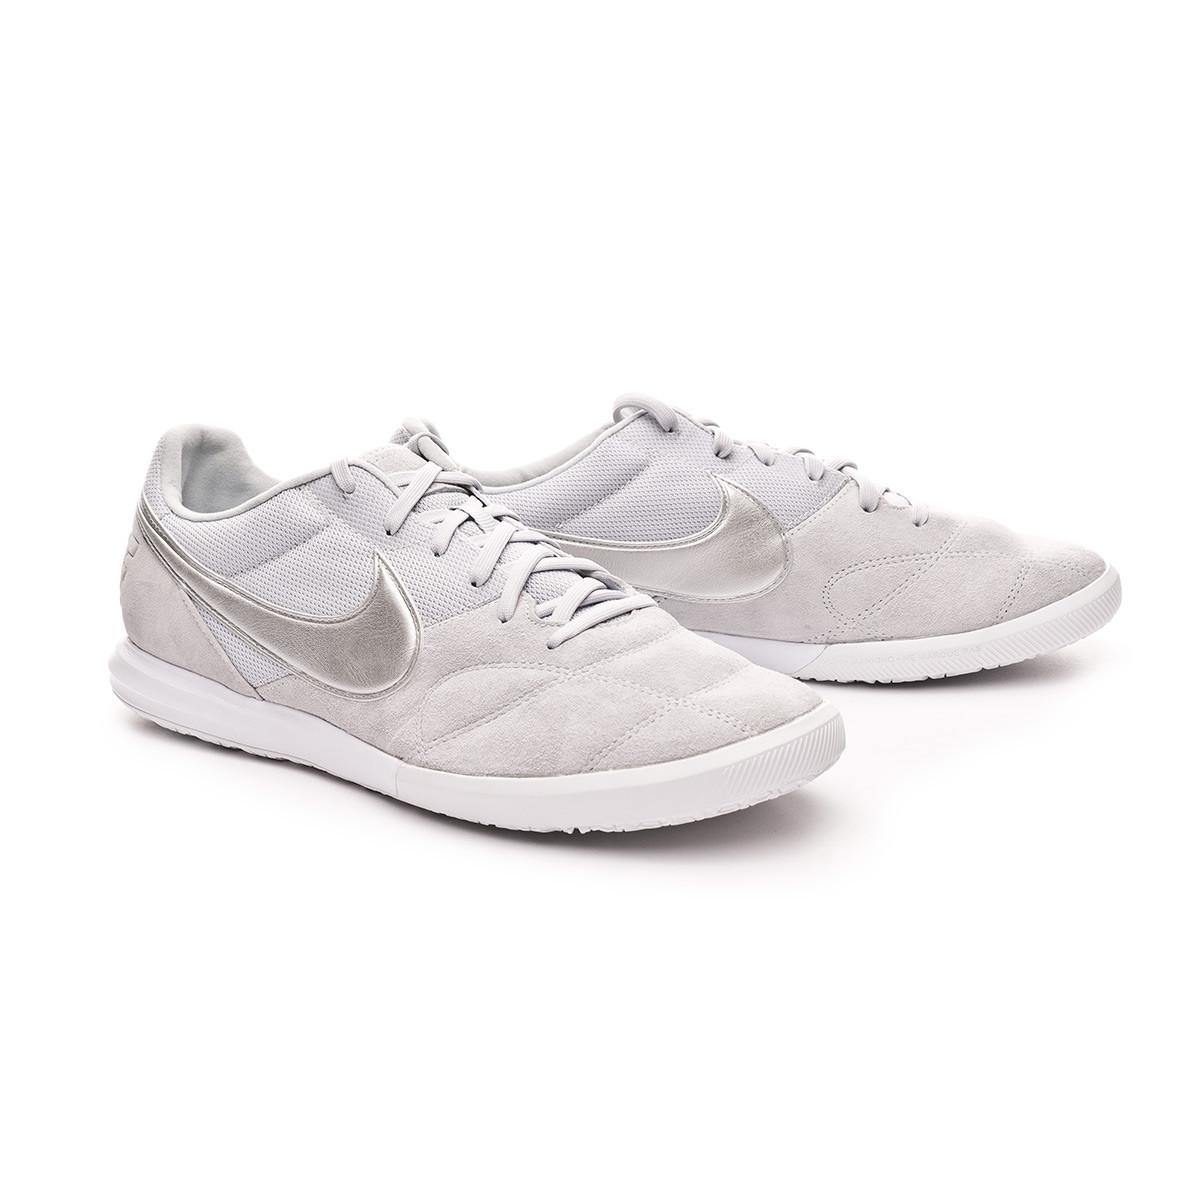 Zapatilla Nike Tiempo Premier II Sala IC Pure platinum